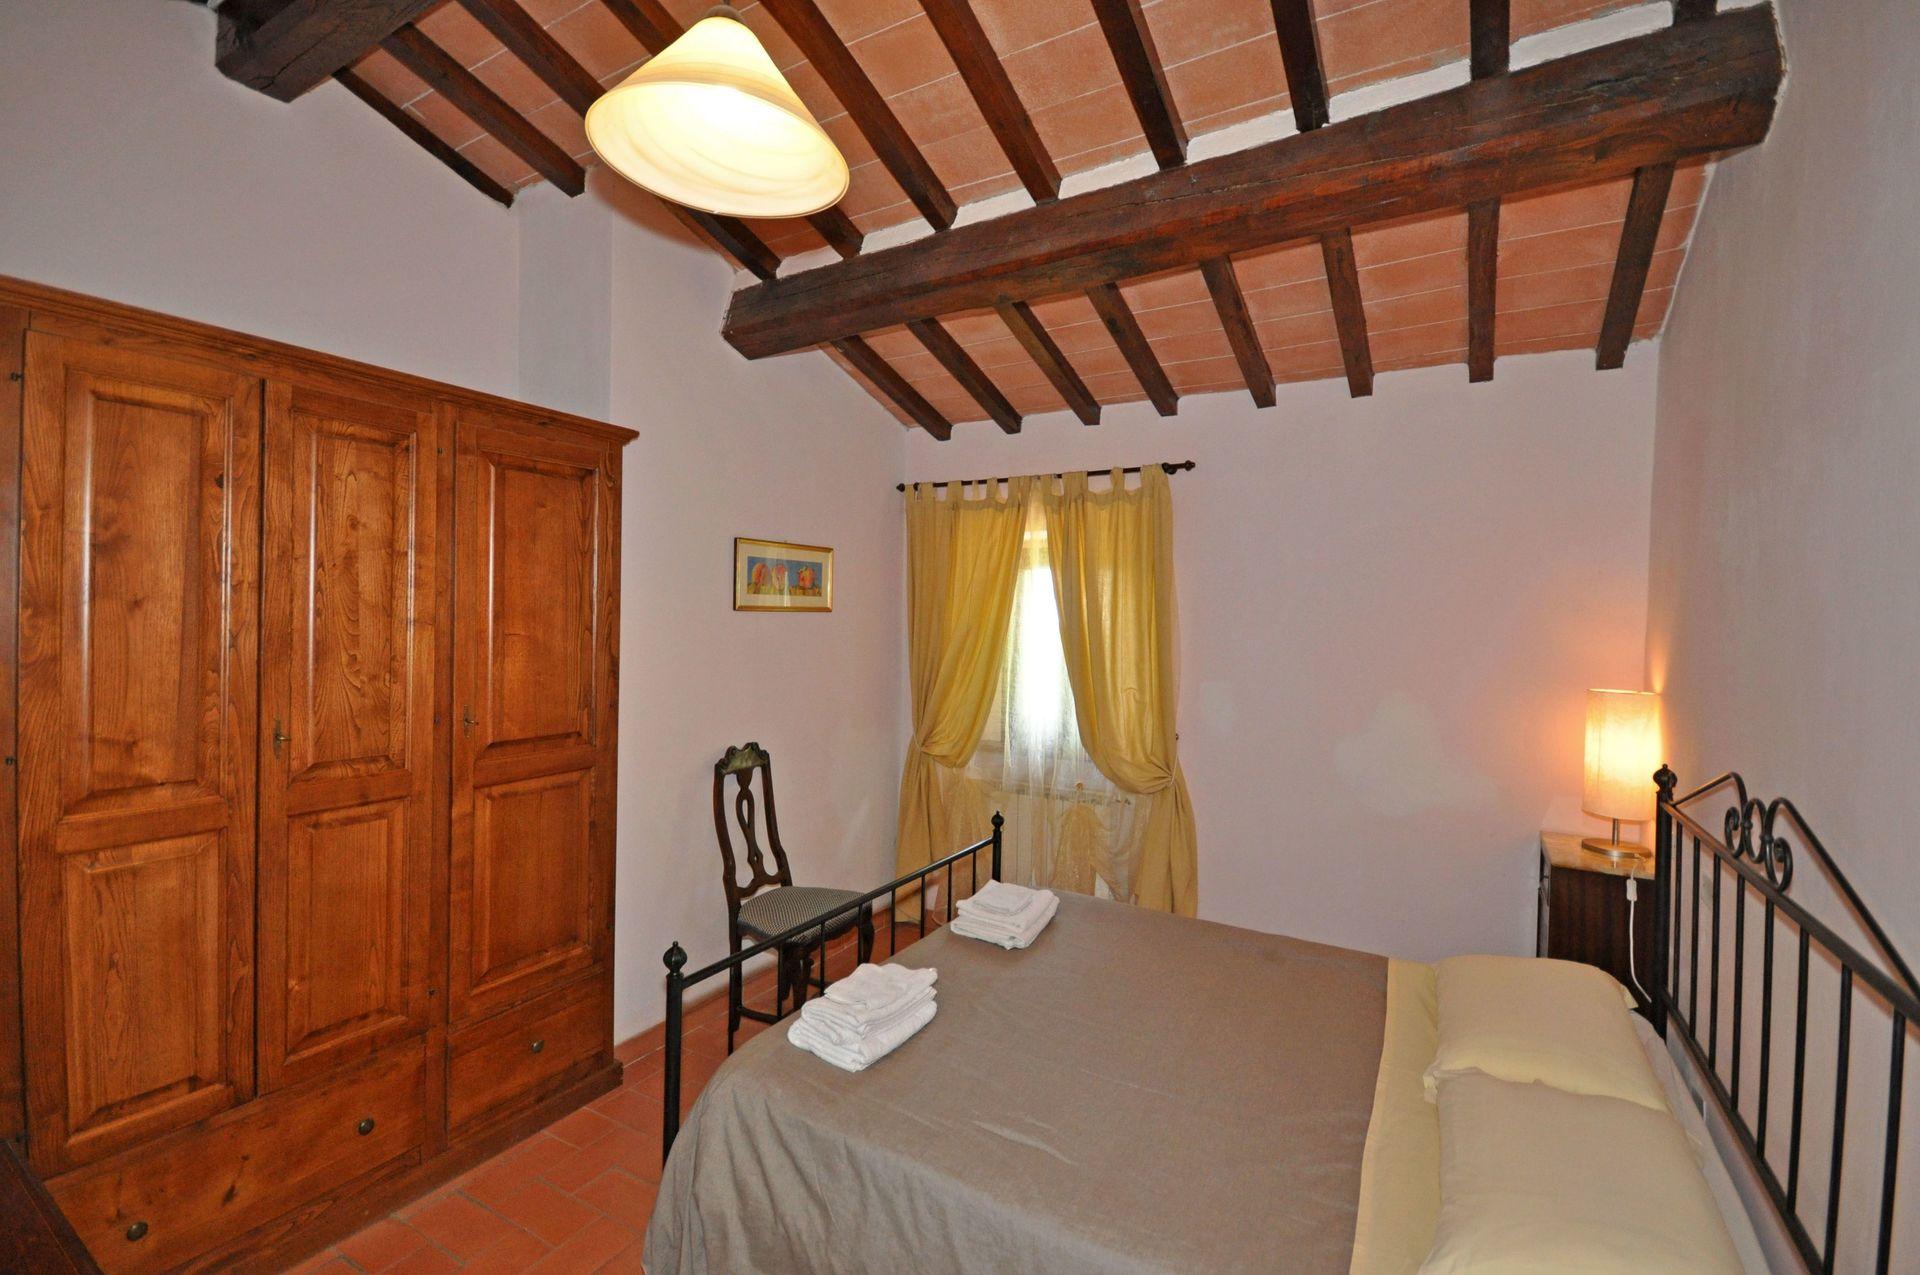 Villa dame casa vacanze con 12 posti letto in 5 camere for Villa con 5 camere da letto